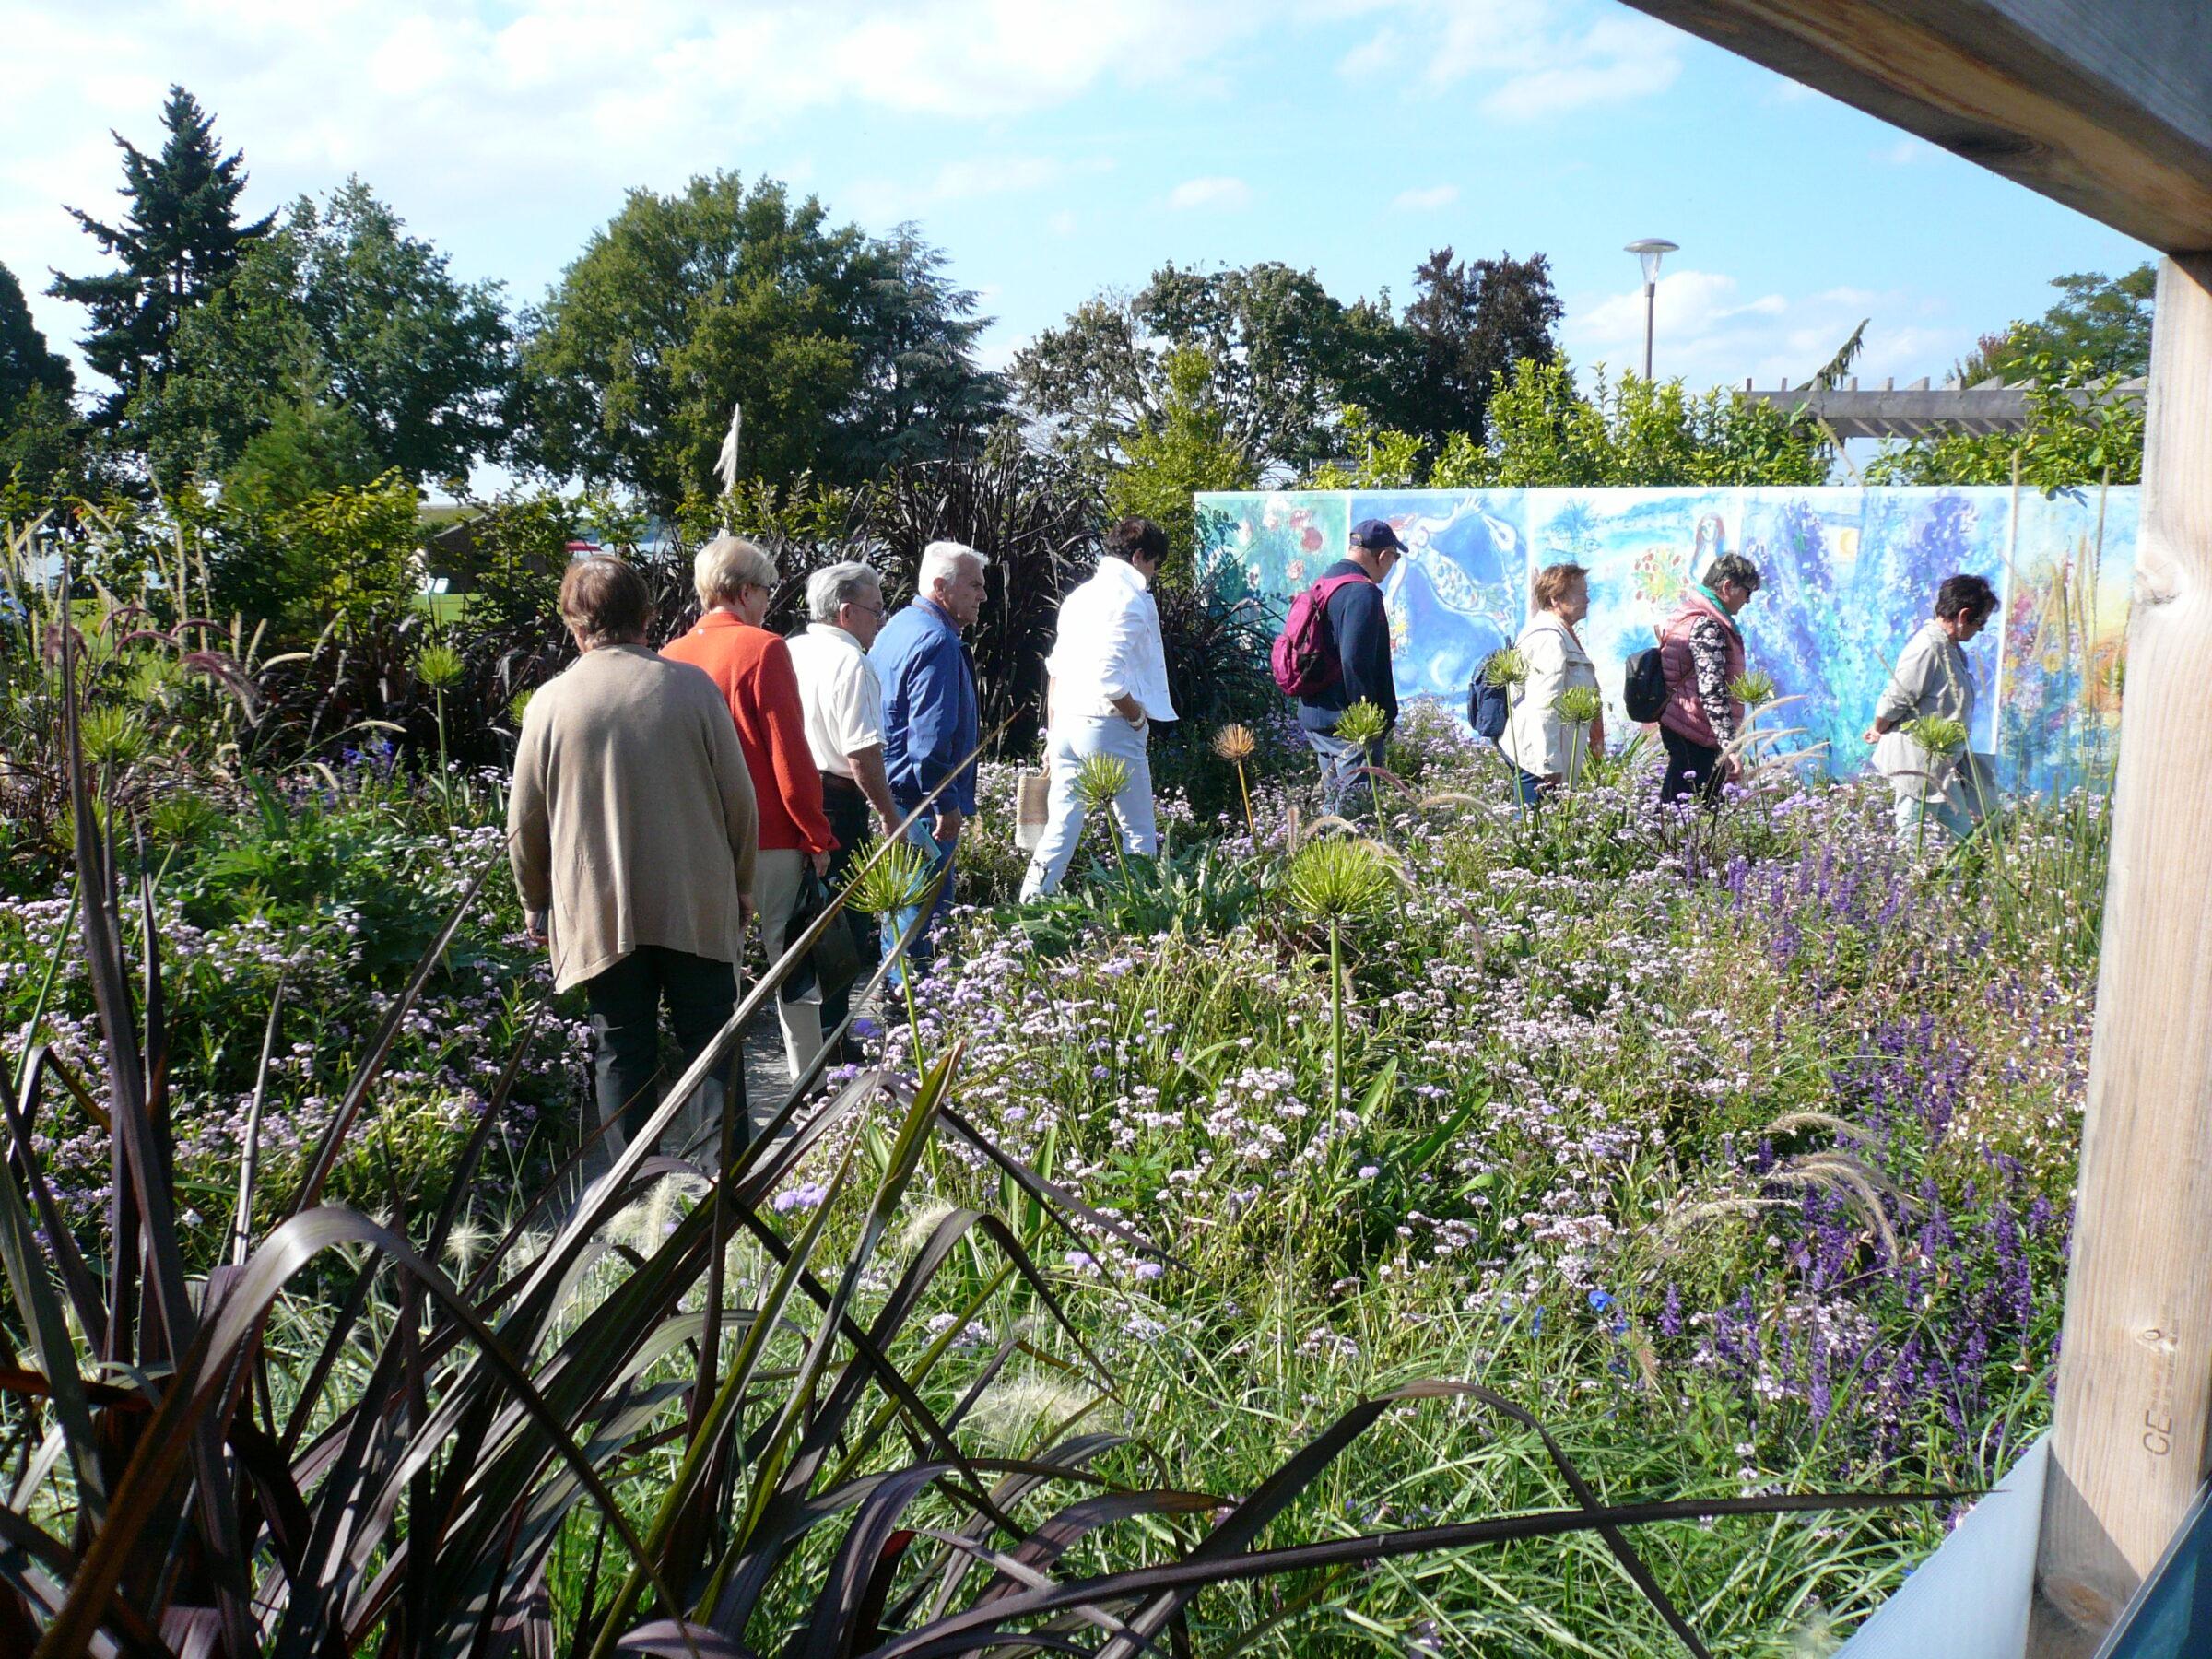 Gartenschau in Lindau, ein wunderschöner Ausflug unserer Tanzgruppe